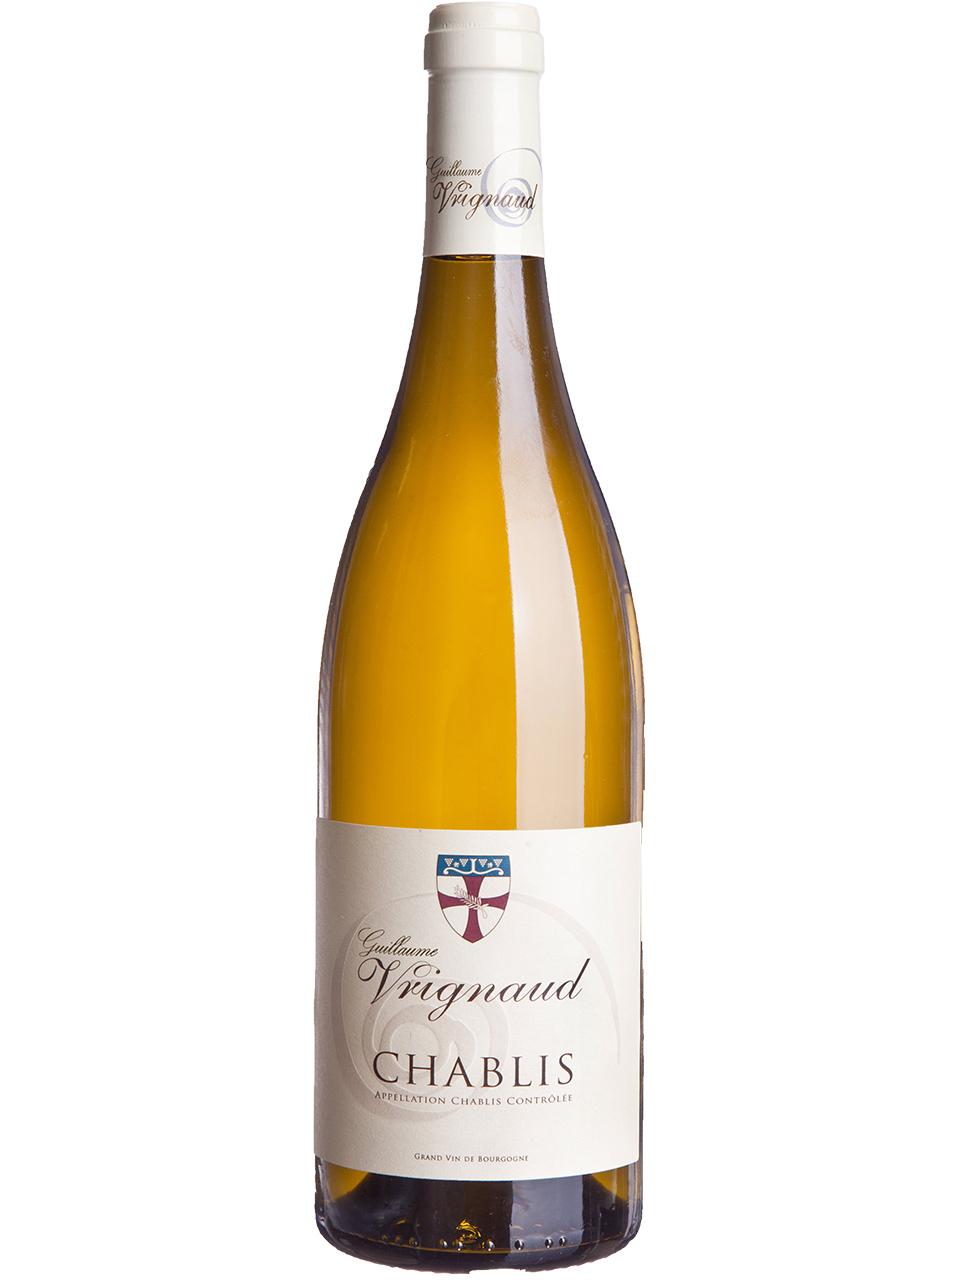 Domaine Guillaume Vrignaud AOP Chablis